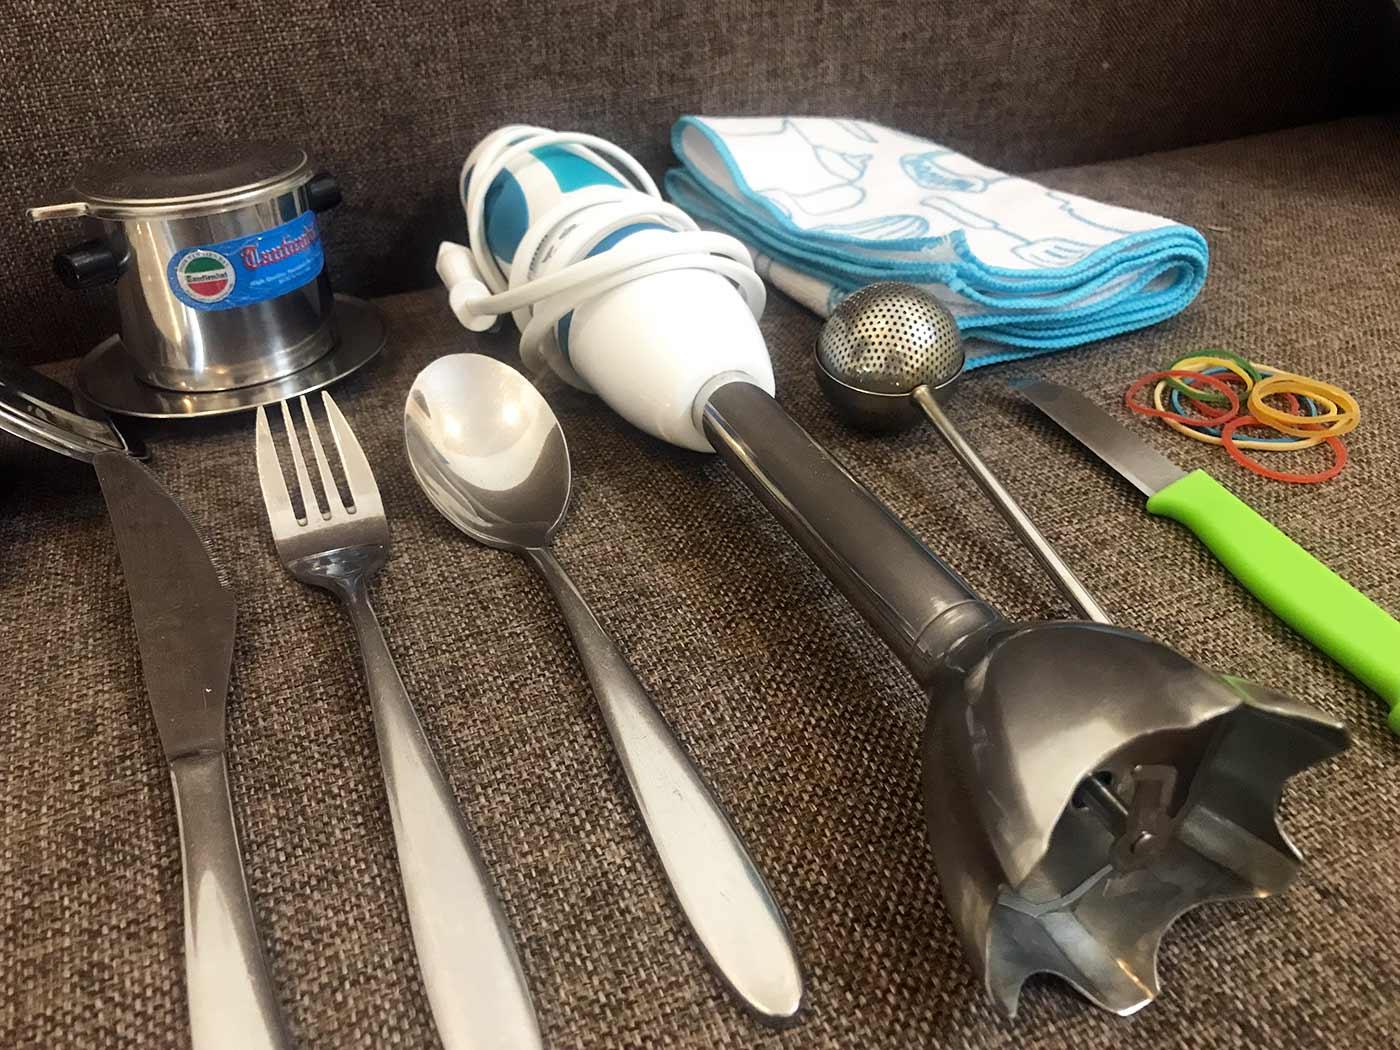 Packliste Camping, Hostel: Hostelküchenausstattung für Backpacker